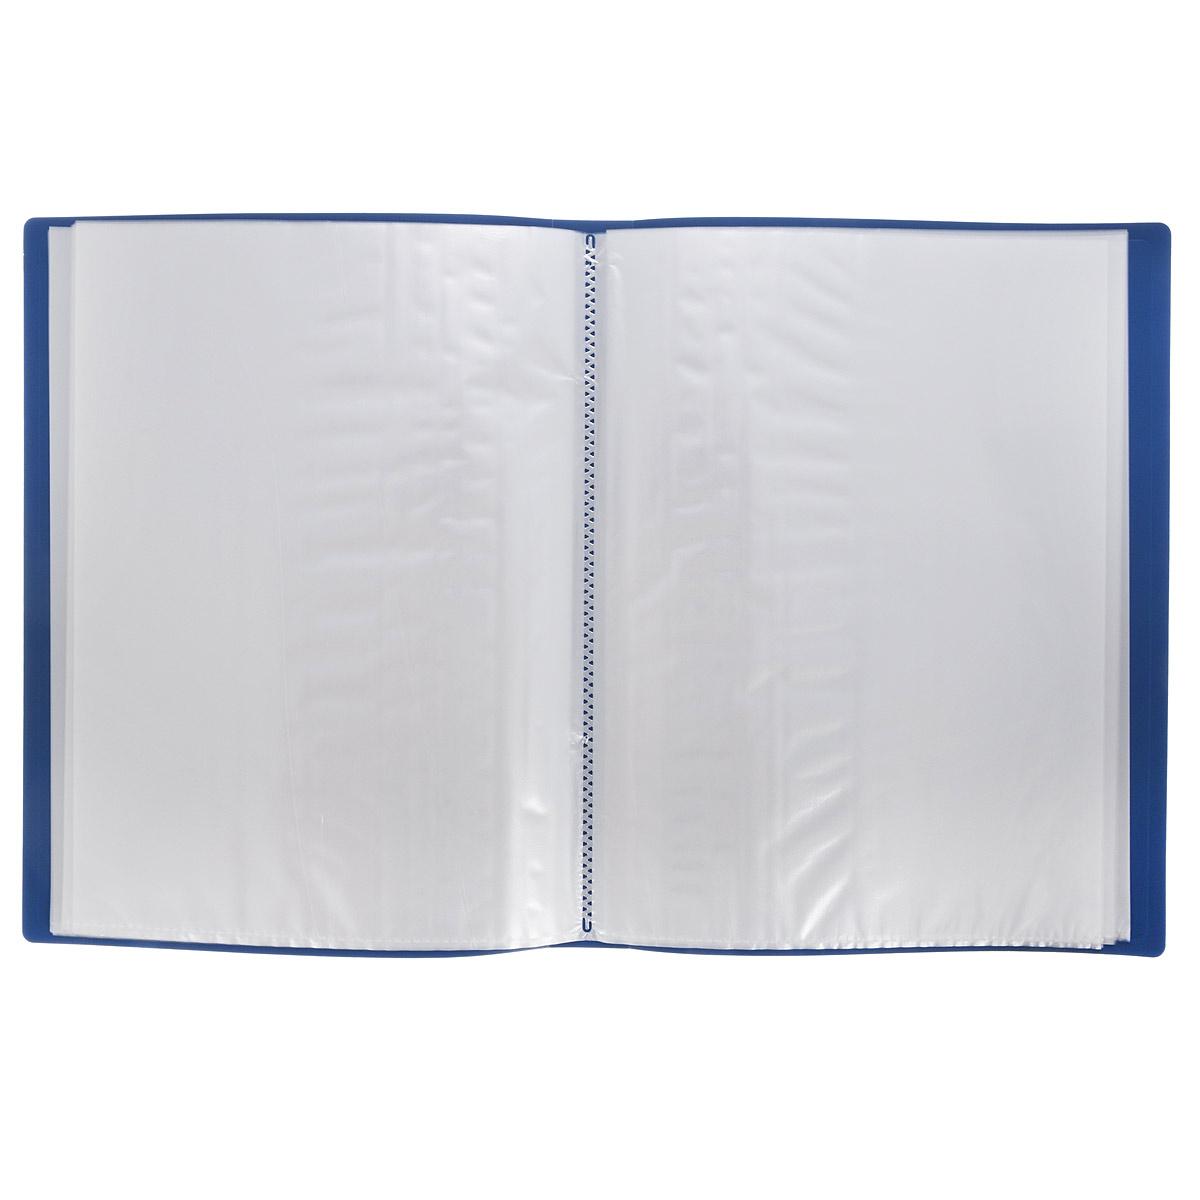 Папка с файлами Centrum Visit, пластиковая, 60 листов, формат А4, цвет: черный80037Папка Centrum Visit с 60 прозрачными вкладышами-файлами предназначена для хранения и презентации документов формата А4. Папка изготовлена из полупрозрачного фактурного пластика, благодаря чему документы, помещенные в нее, будут надежно защищены. Прочное соединение папки и вкладышей обеспечено за счет их лазерной сварки. Углы папки закруглены. Папка надежно сохранит ваши документы и сбережет их от повреждений, пыли и влаги.